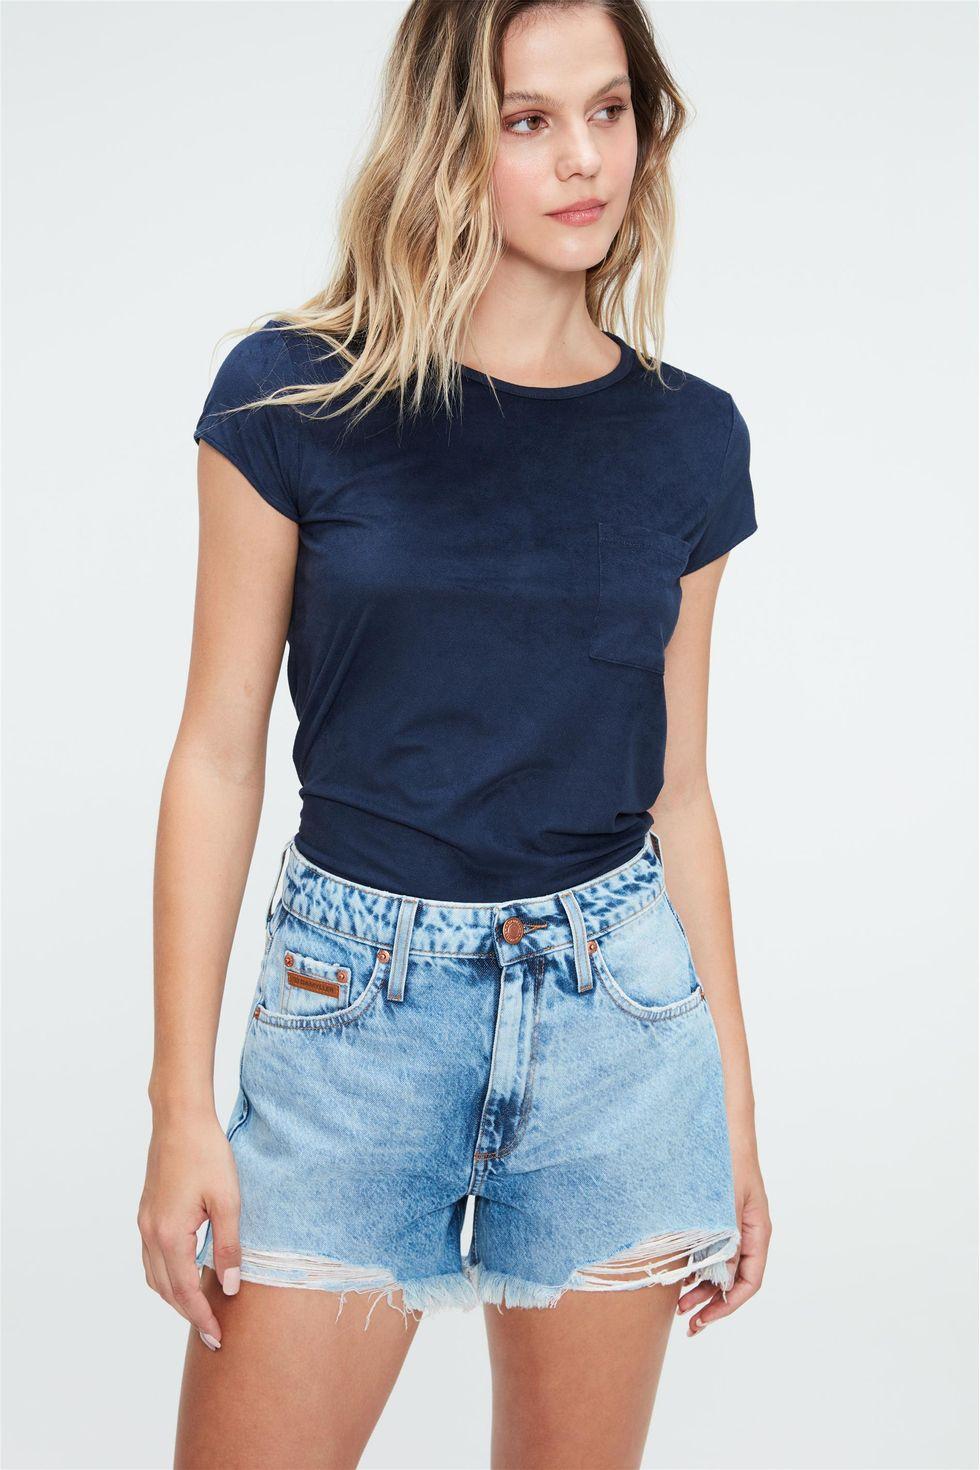 Short-Jeans-Cintura-Super-Alta-Destroyed-Frente--